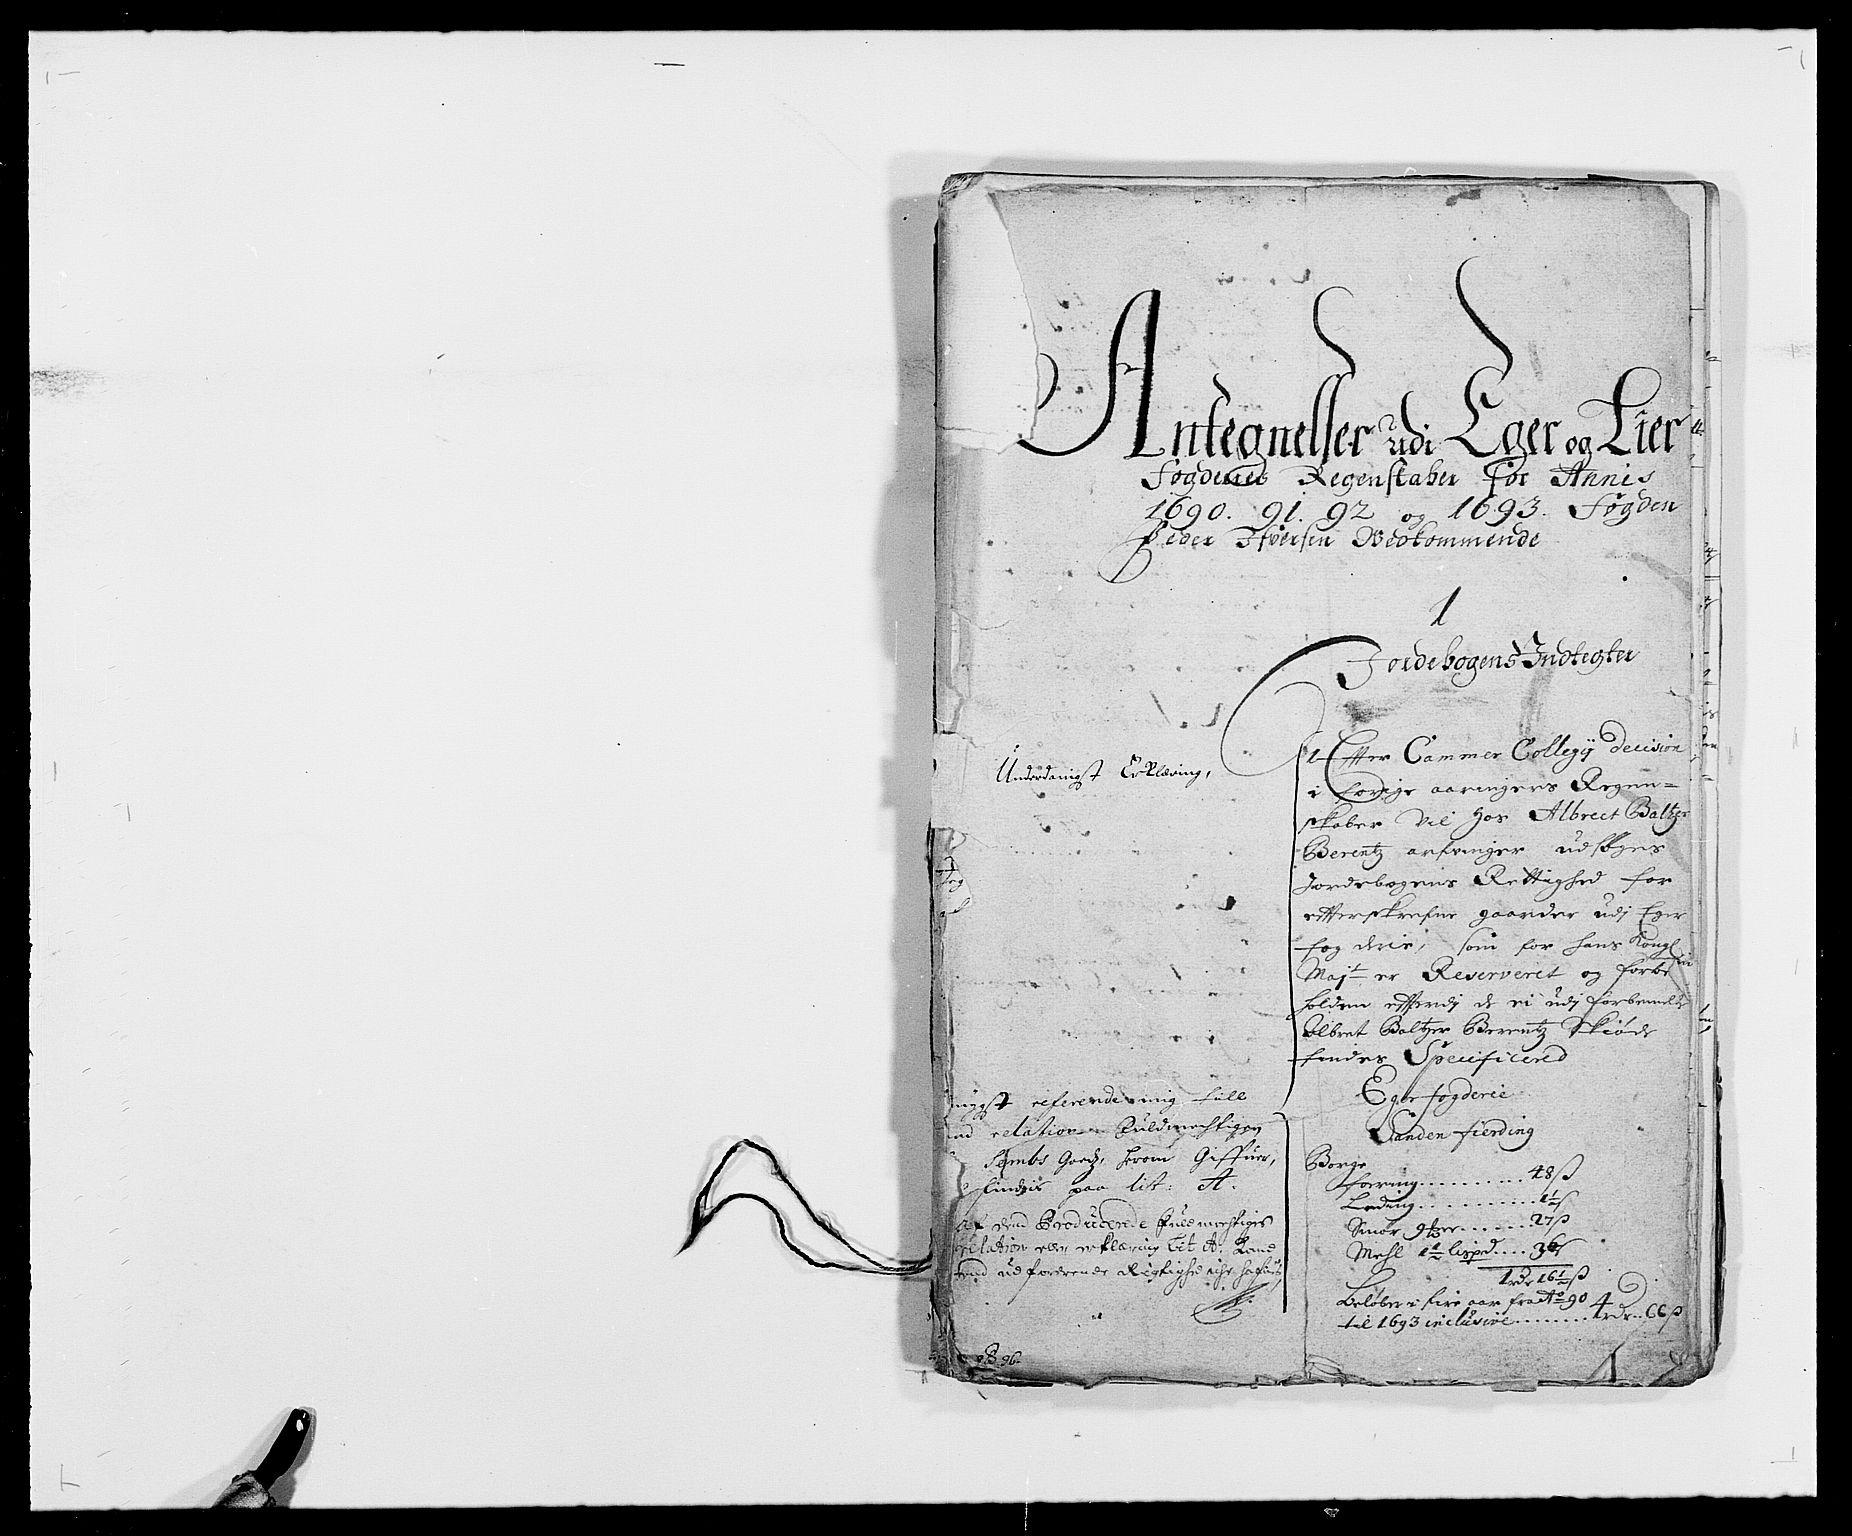 RA, Rentekammeret inntil 1814, Reviderte regnskaper, Fogderegnskap, R28/L1690: Fogderegnskap Eiker og Lier, 1692-1693, s. 246